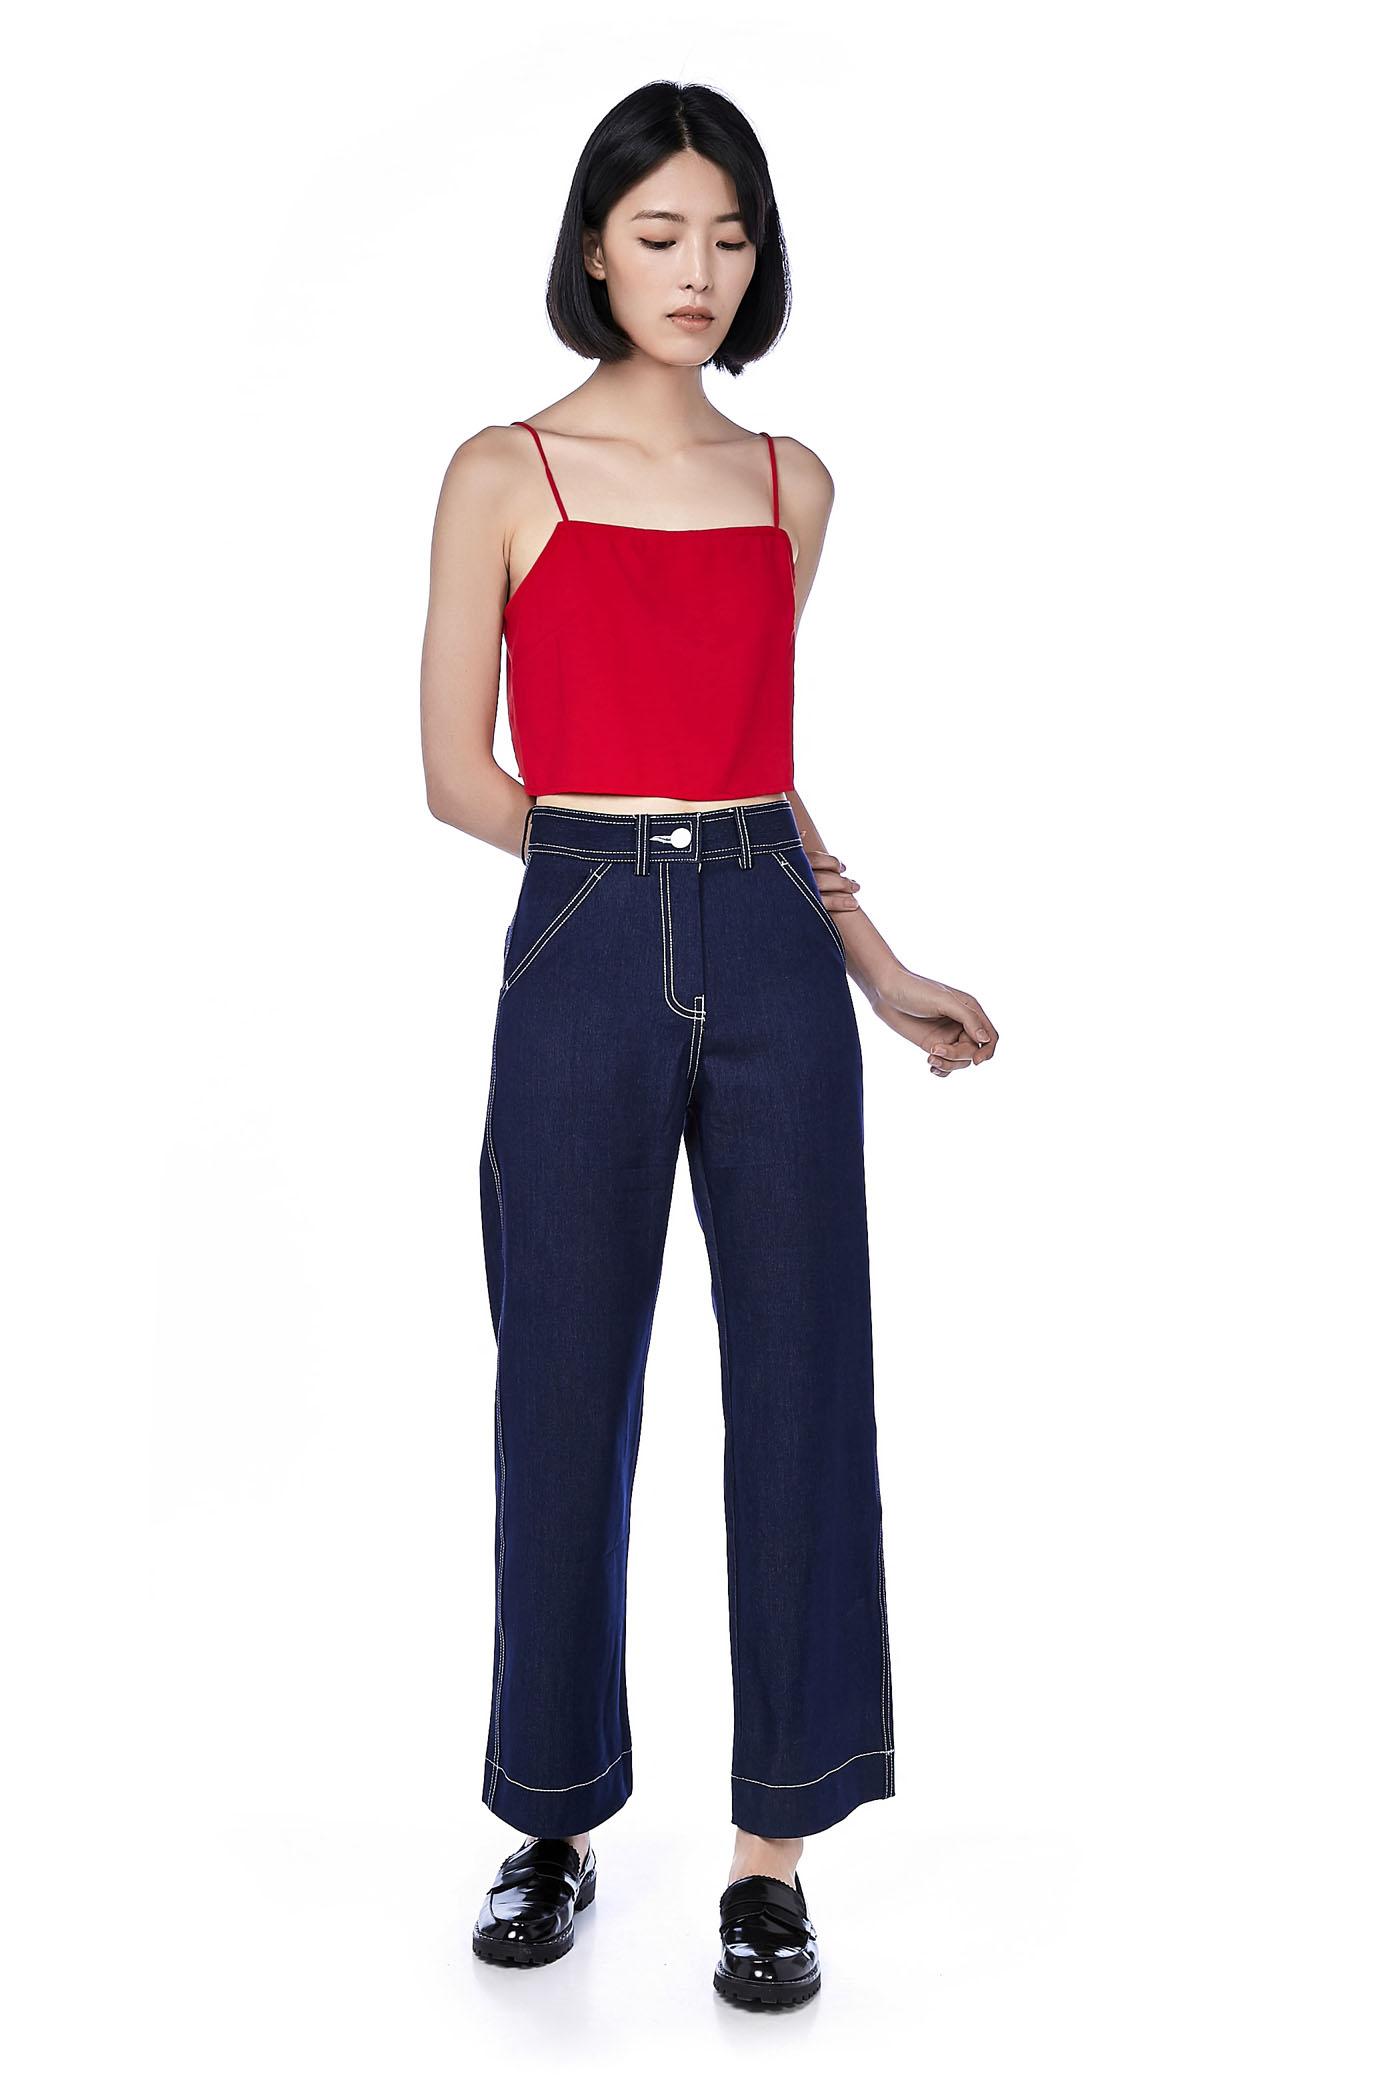 Tween Crop Camisole